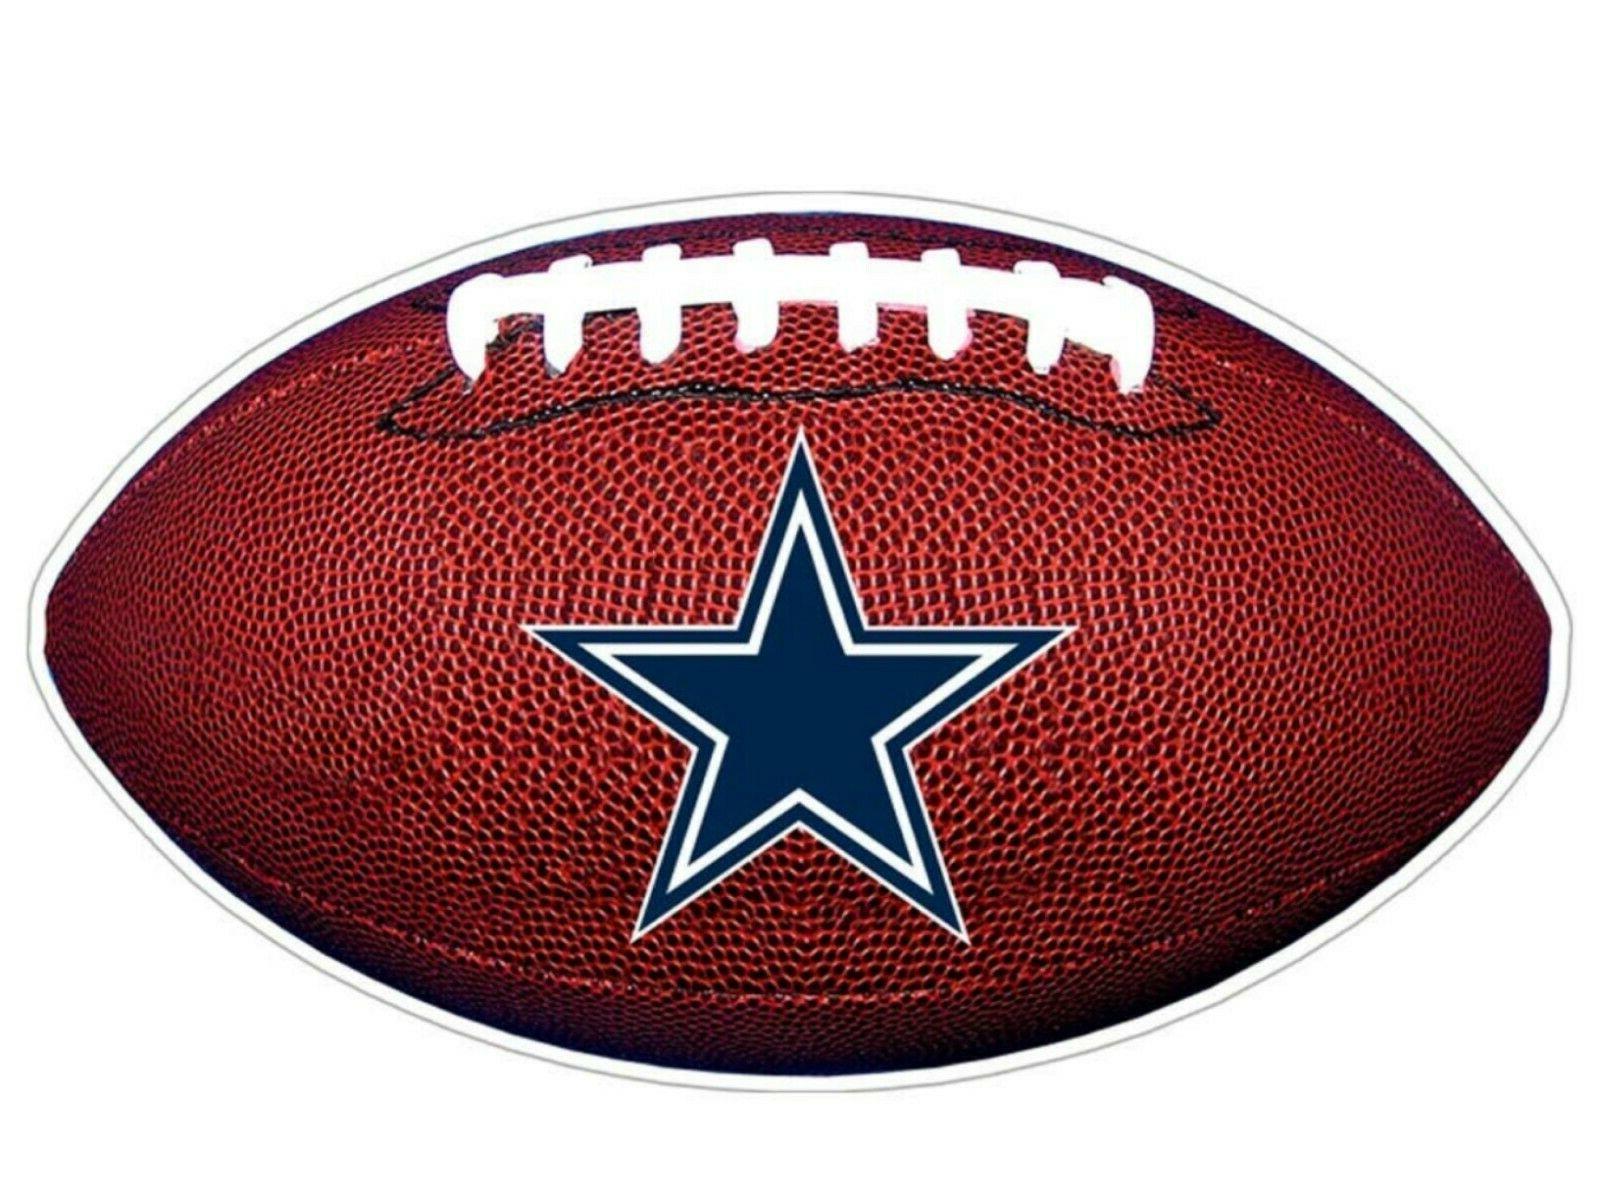 NFL Dallas Cowboys 3-D Indoor,outdoor,Locker,Car,Room